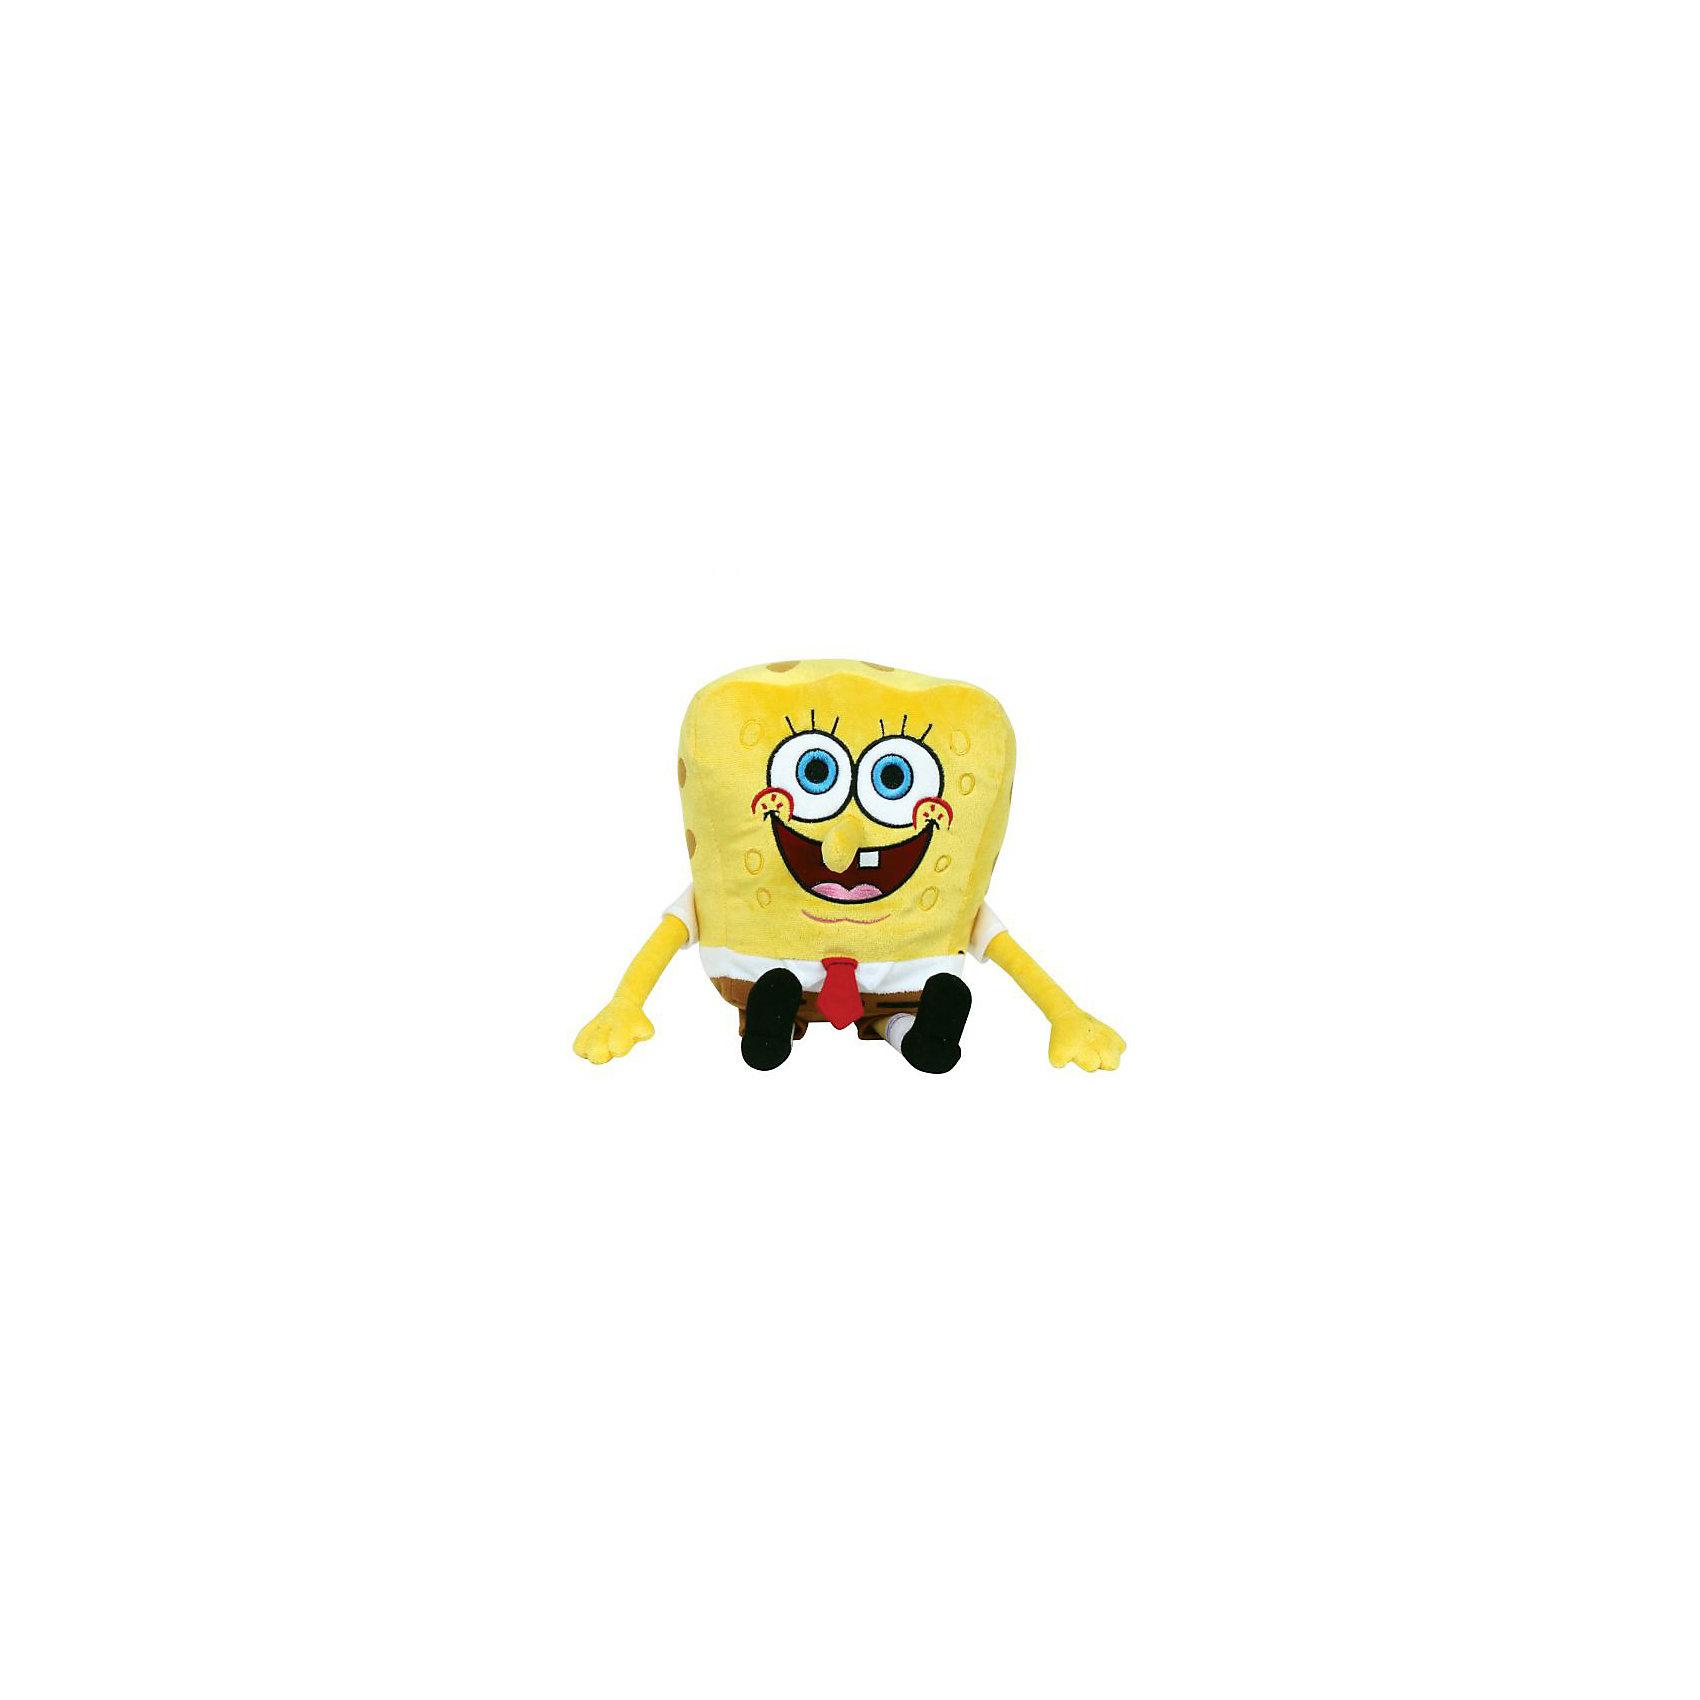 МУЛЬТИ-ПУЛЬТИ Мягкая игрушка Губка Боб, МУЛЬТИ-ПУЛЬТИ мульти пульти мягкая игрушка кот леопольд 20 см со звуком мульти пульти